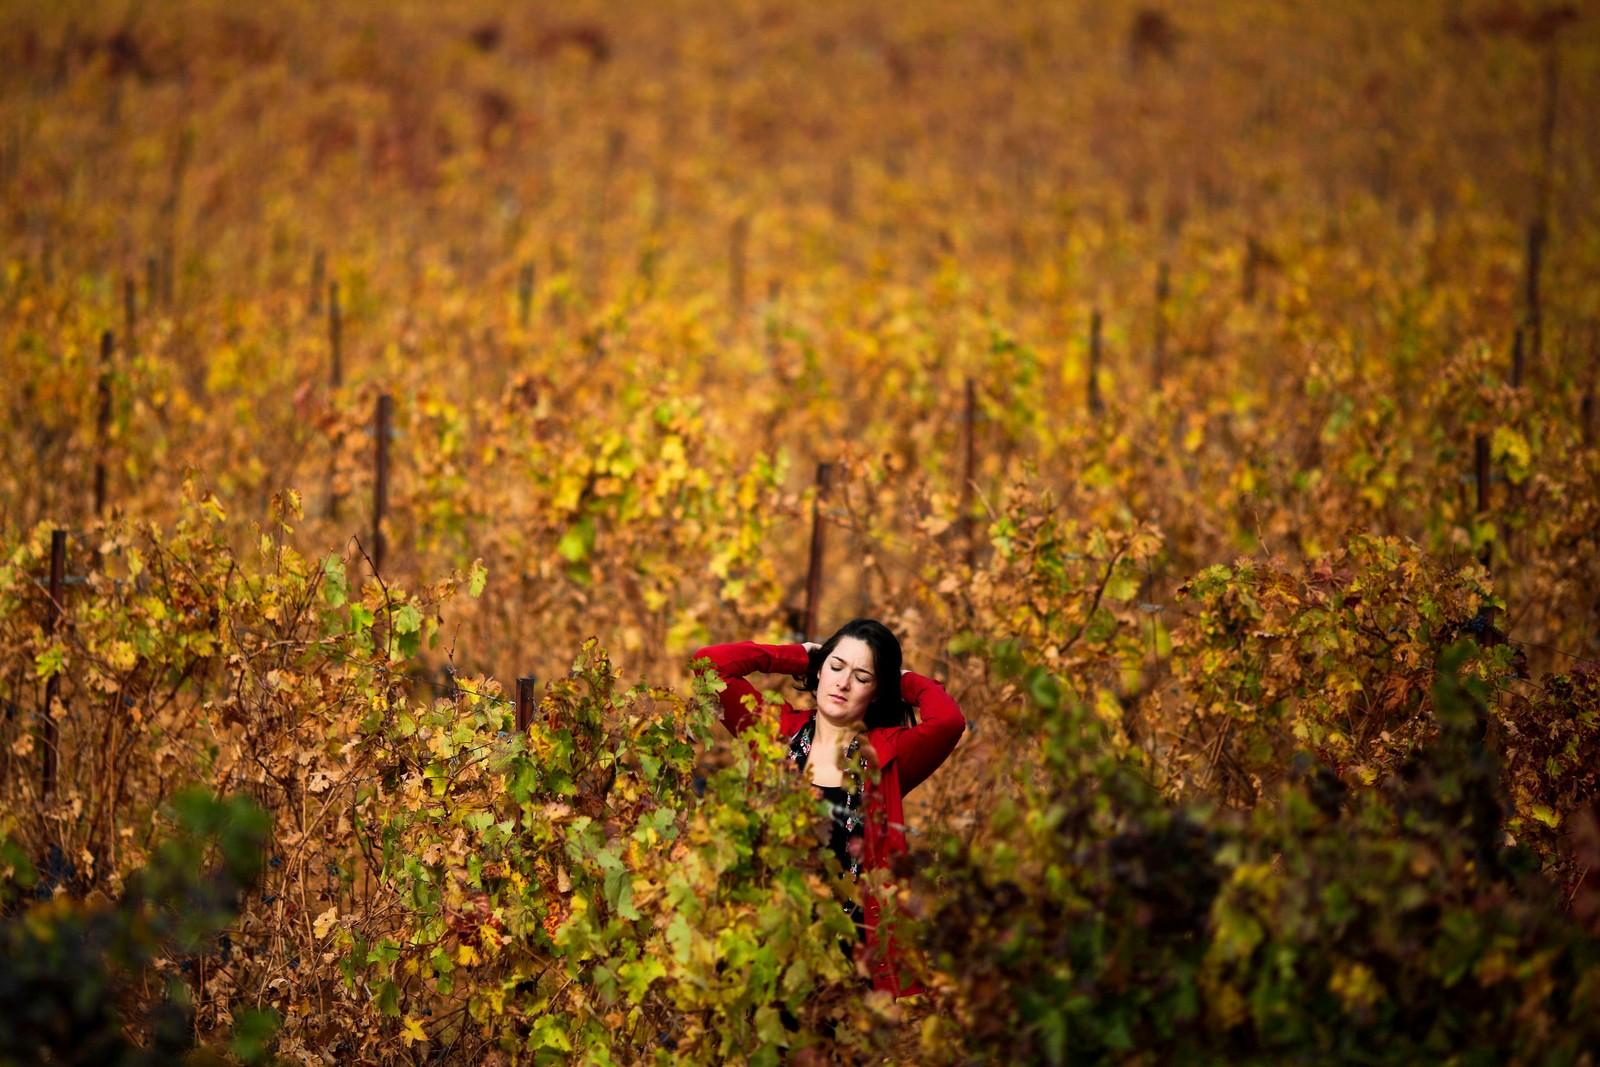 En kvinne går gjennom vingården Chateau Kefraya i Bekaadalen, øst i Libanon.